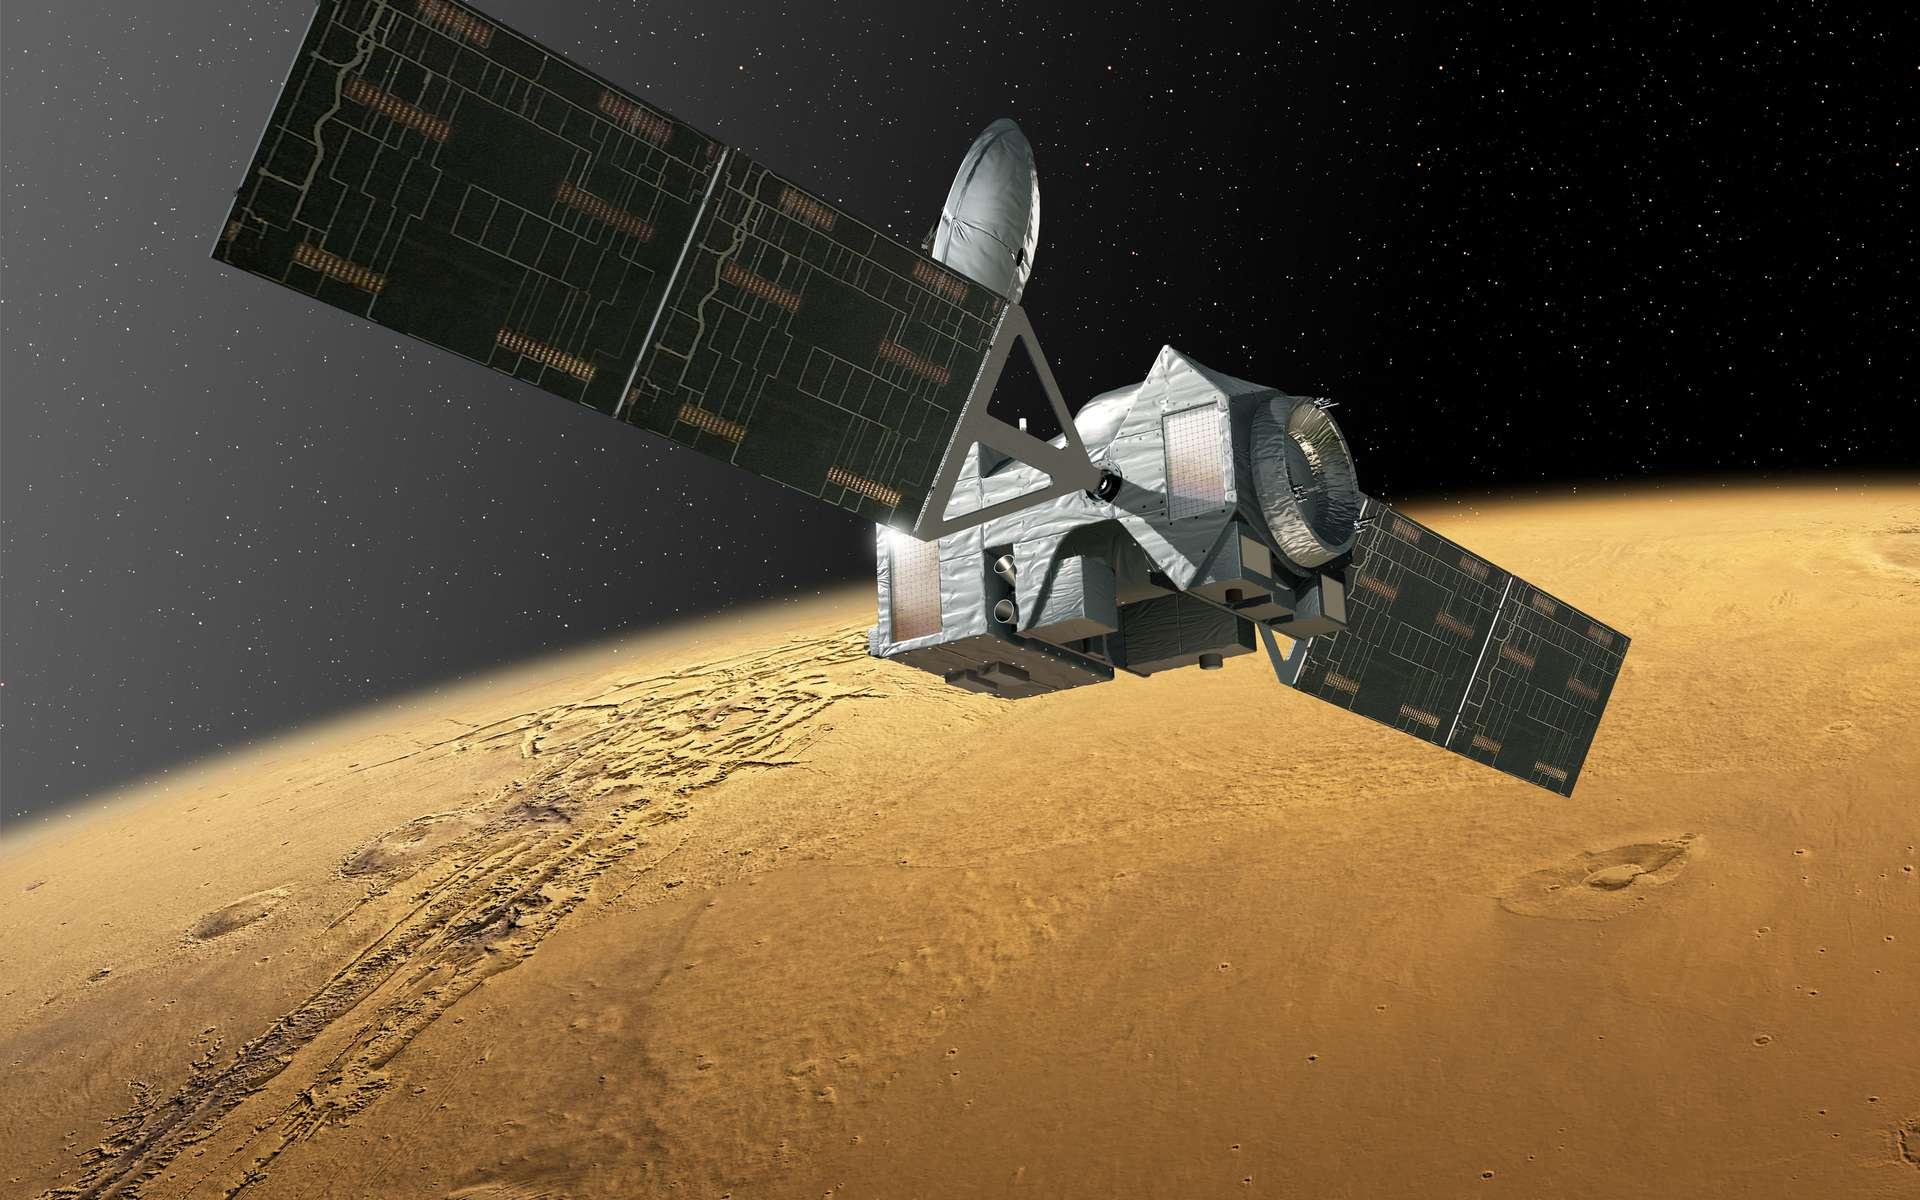 La sonde TGO, en vue d'artiste, sur son orbite elliptique autour de Mars. Avec ses instruments très précis, l'engin étudiera la chimie de l'atmosphère martienne, dont celle, mystérieuse, du méthane. © ESA